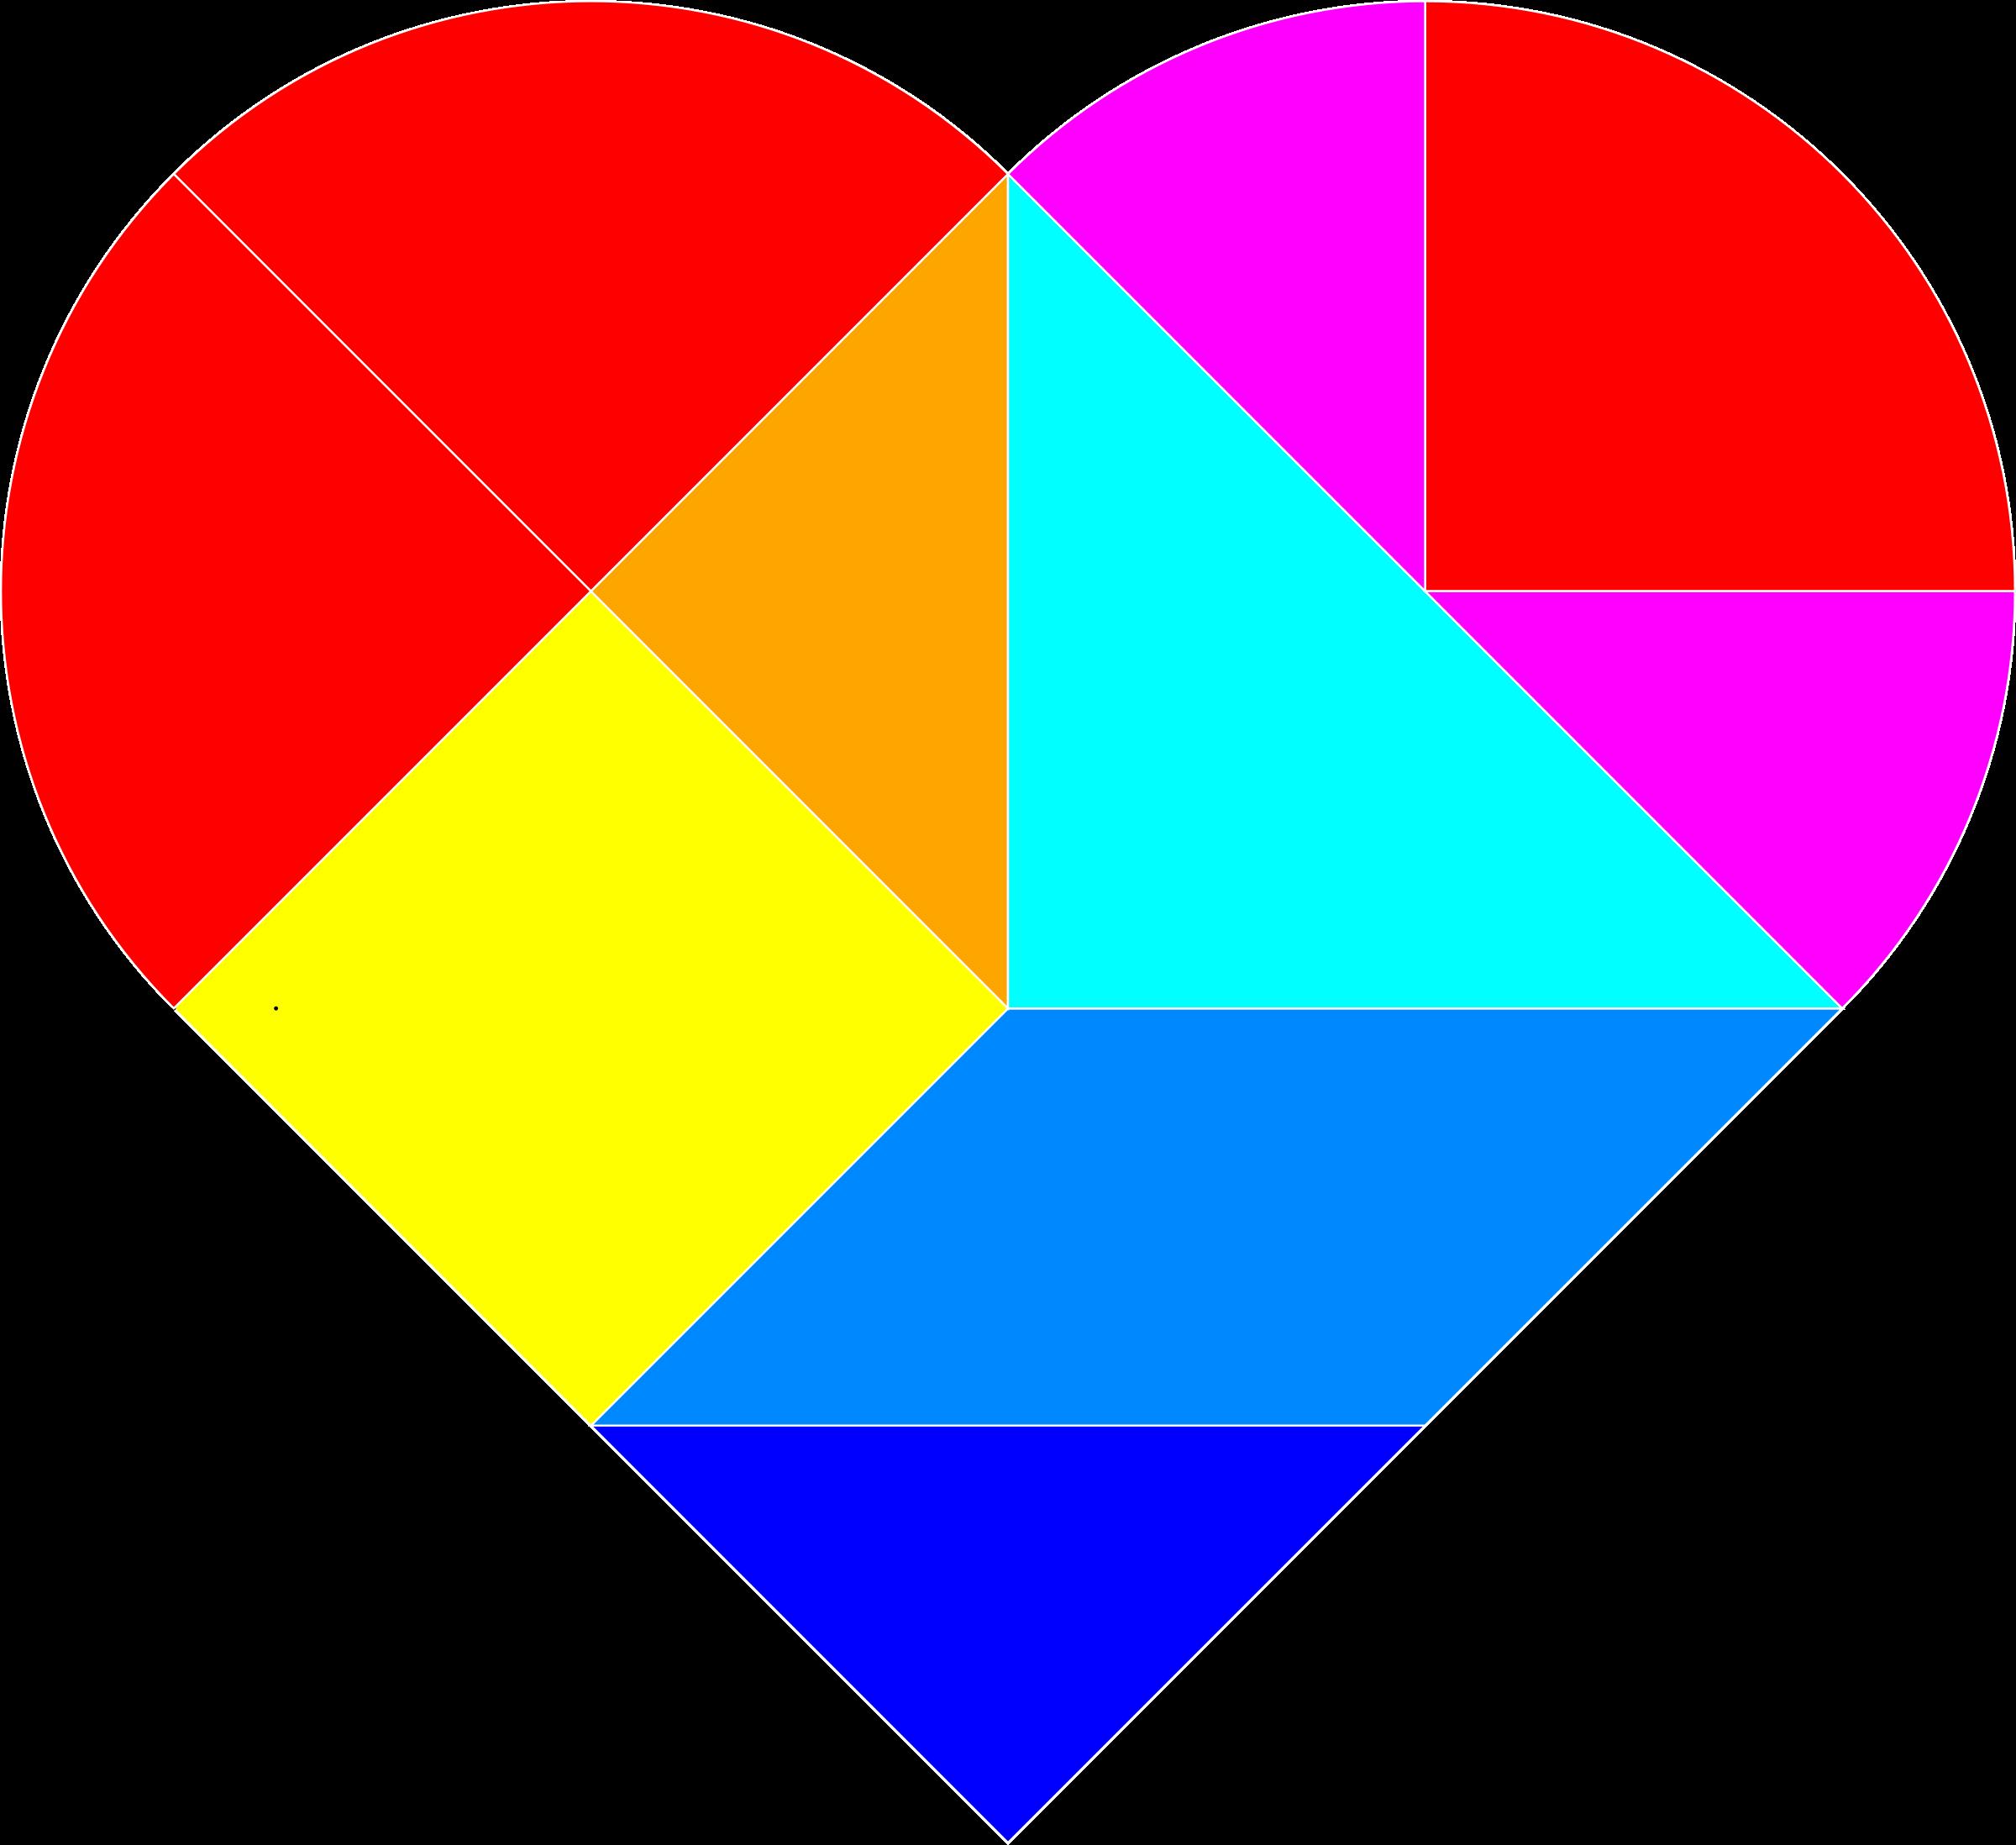 clipart heart tangram clipart broken heart man clip art broken heart